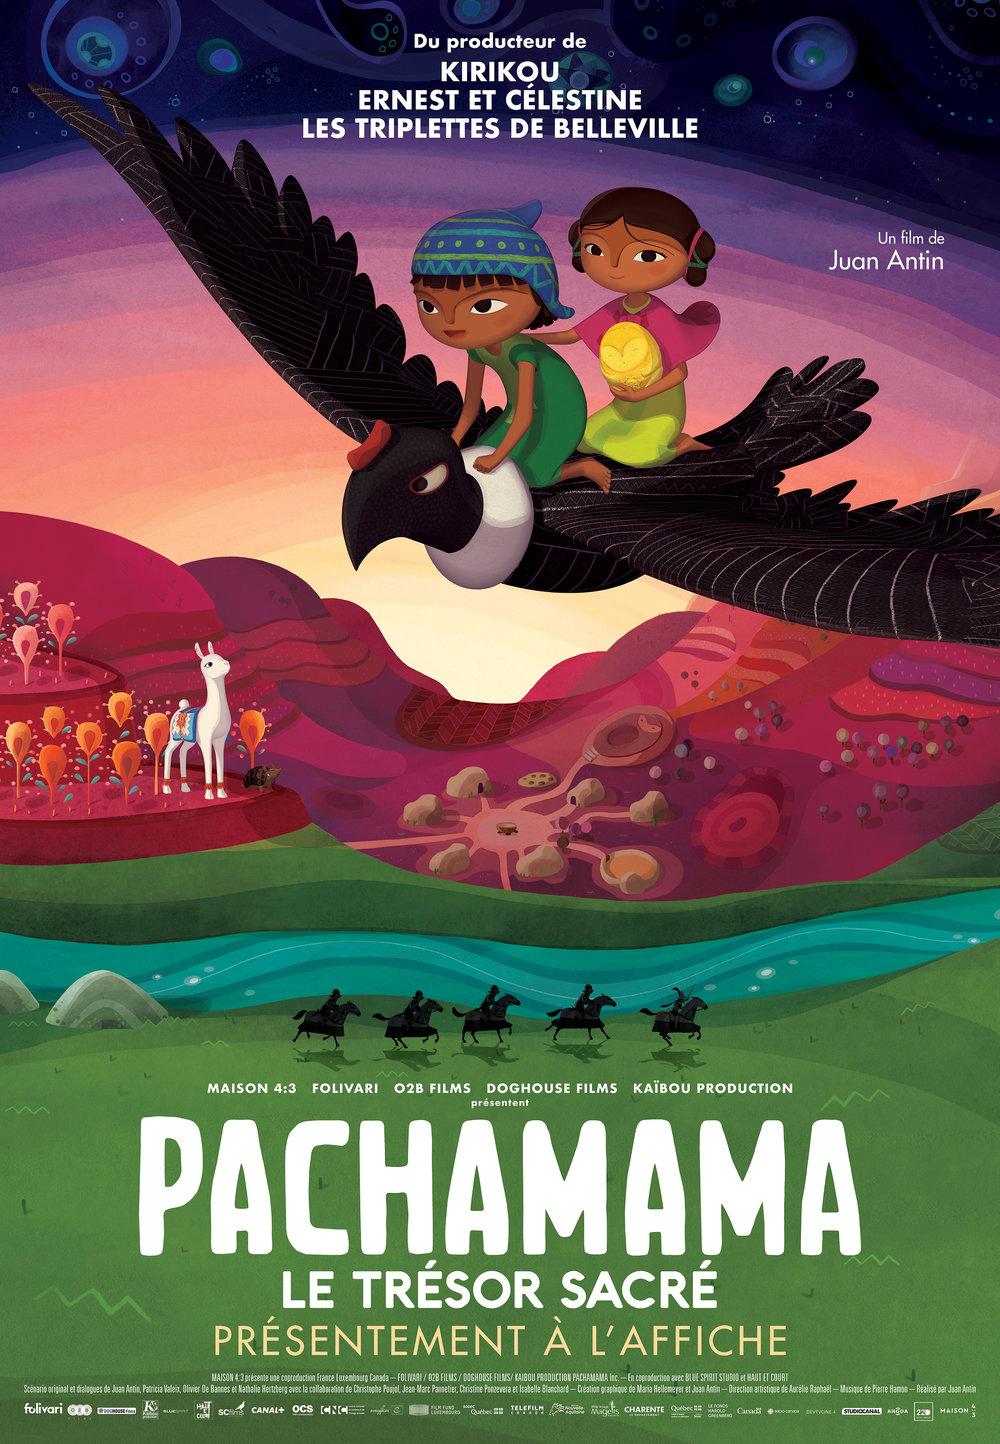 Pachamama_affiche_9x13_Jan2019_HR.jpg